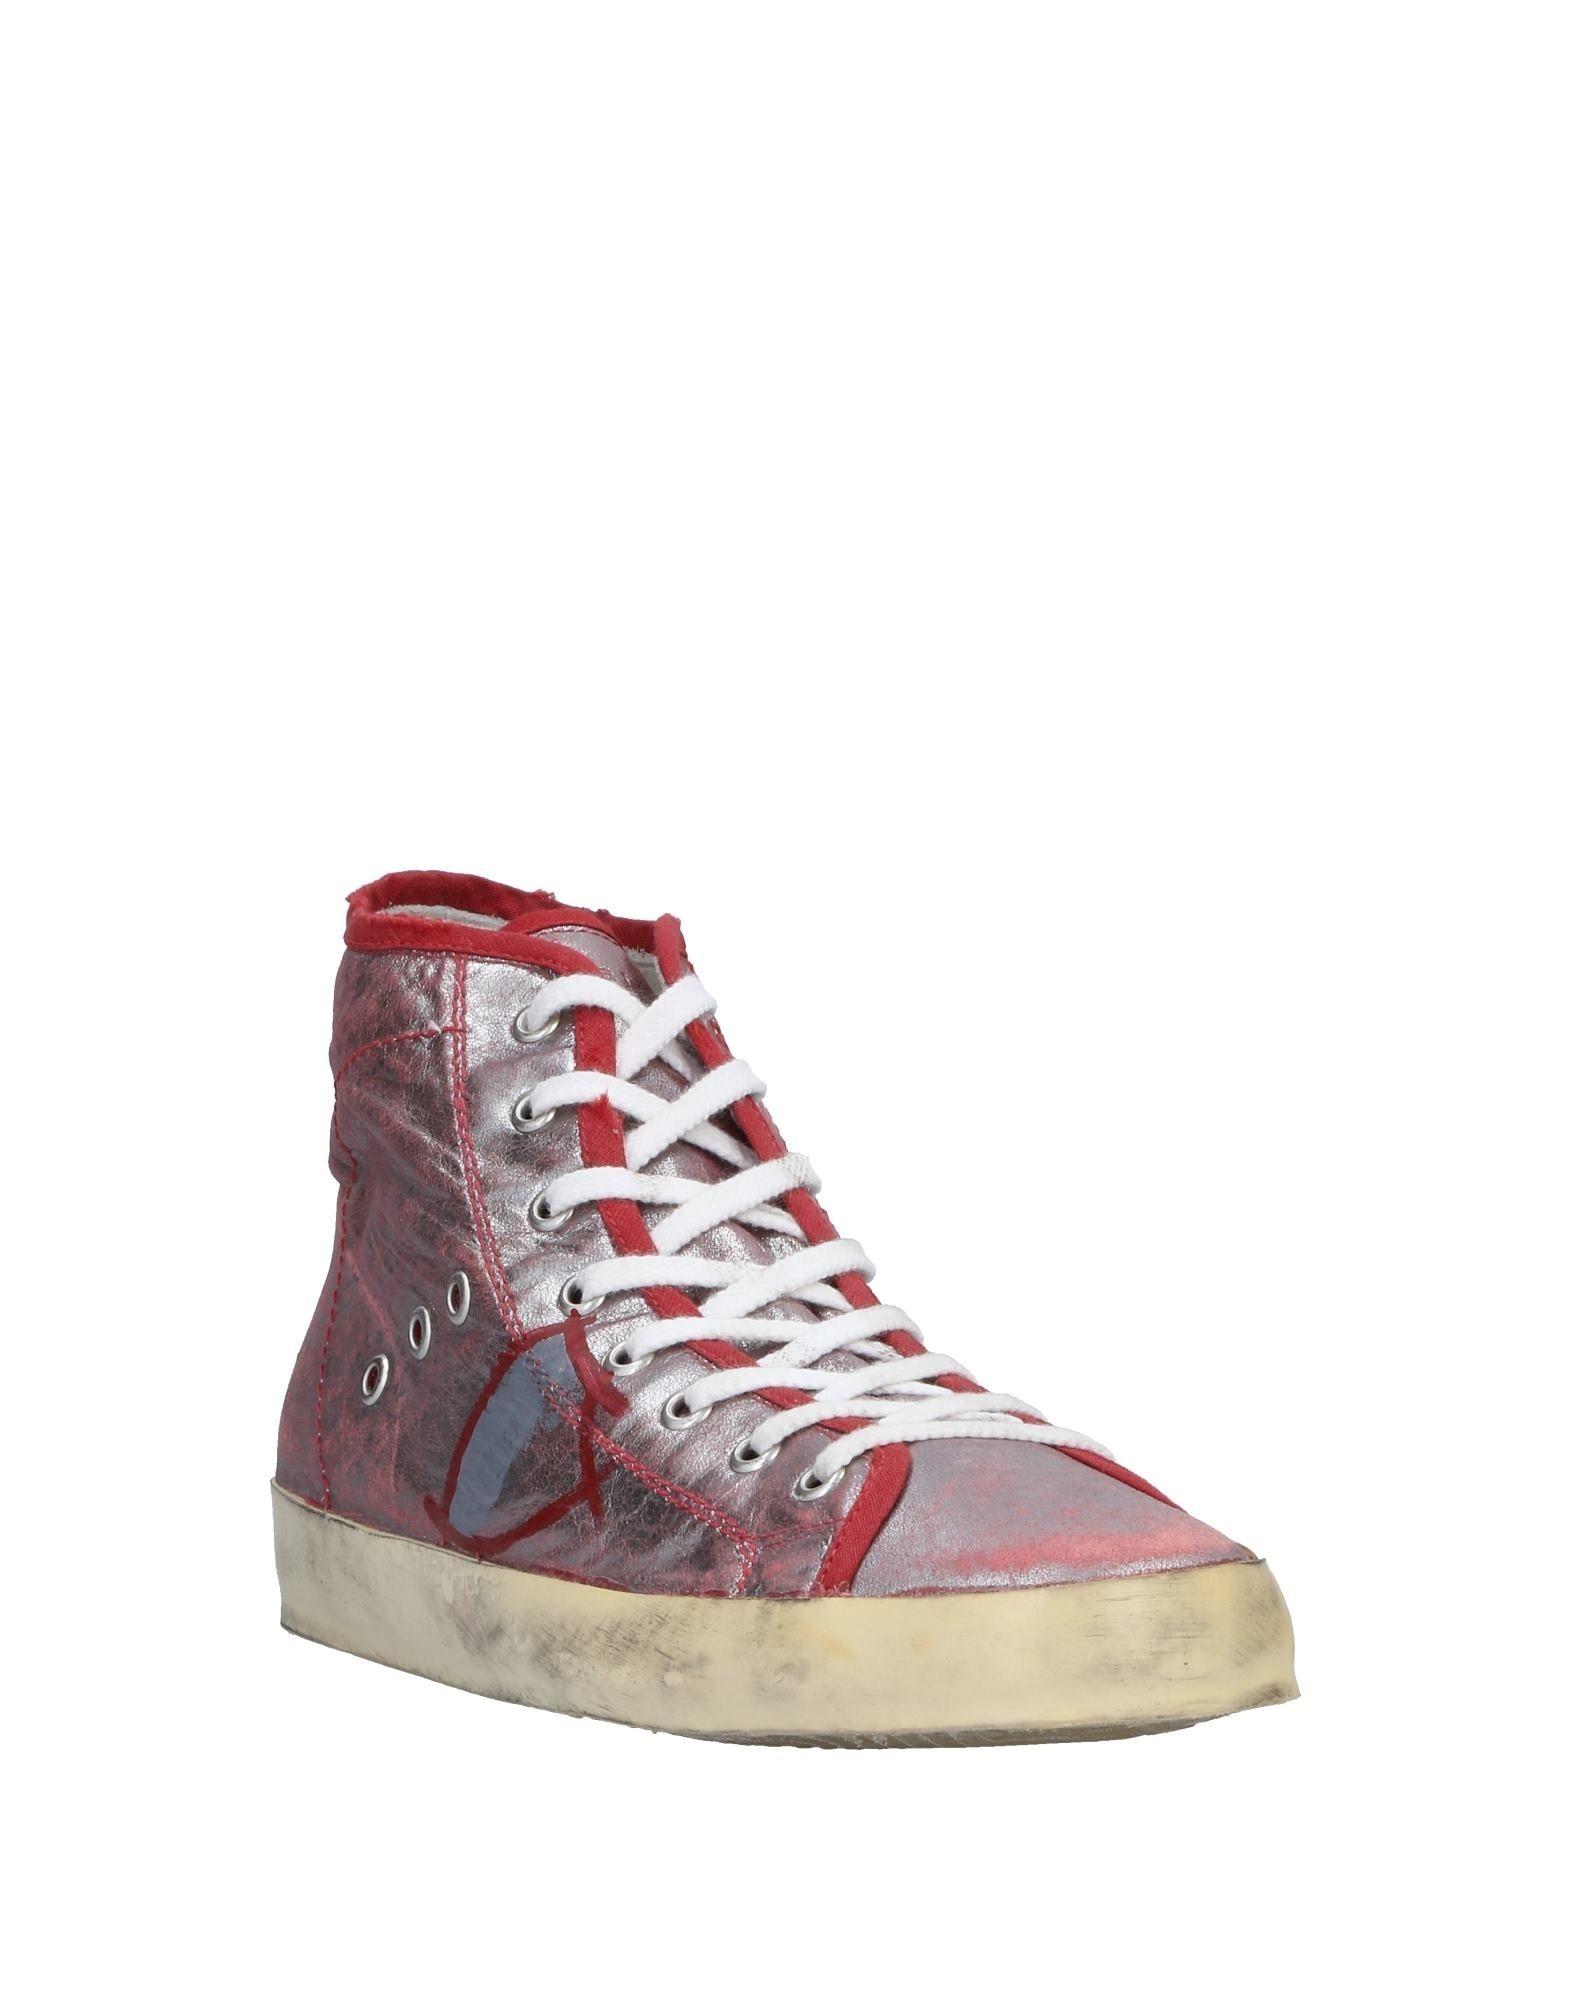 Philippe Model Sneakers Herren beliebte  11533833DW Gute Qualität beliebte Herren Schuhe ba2845